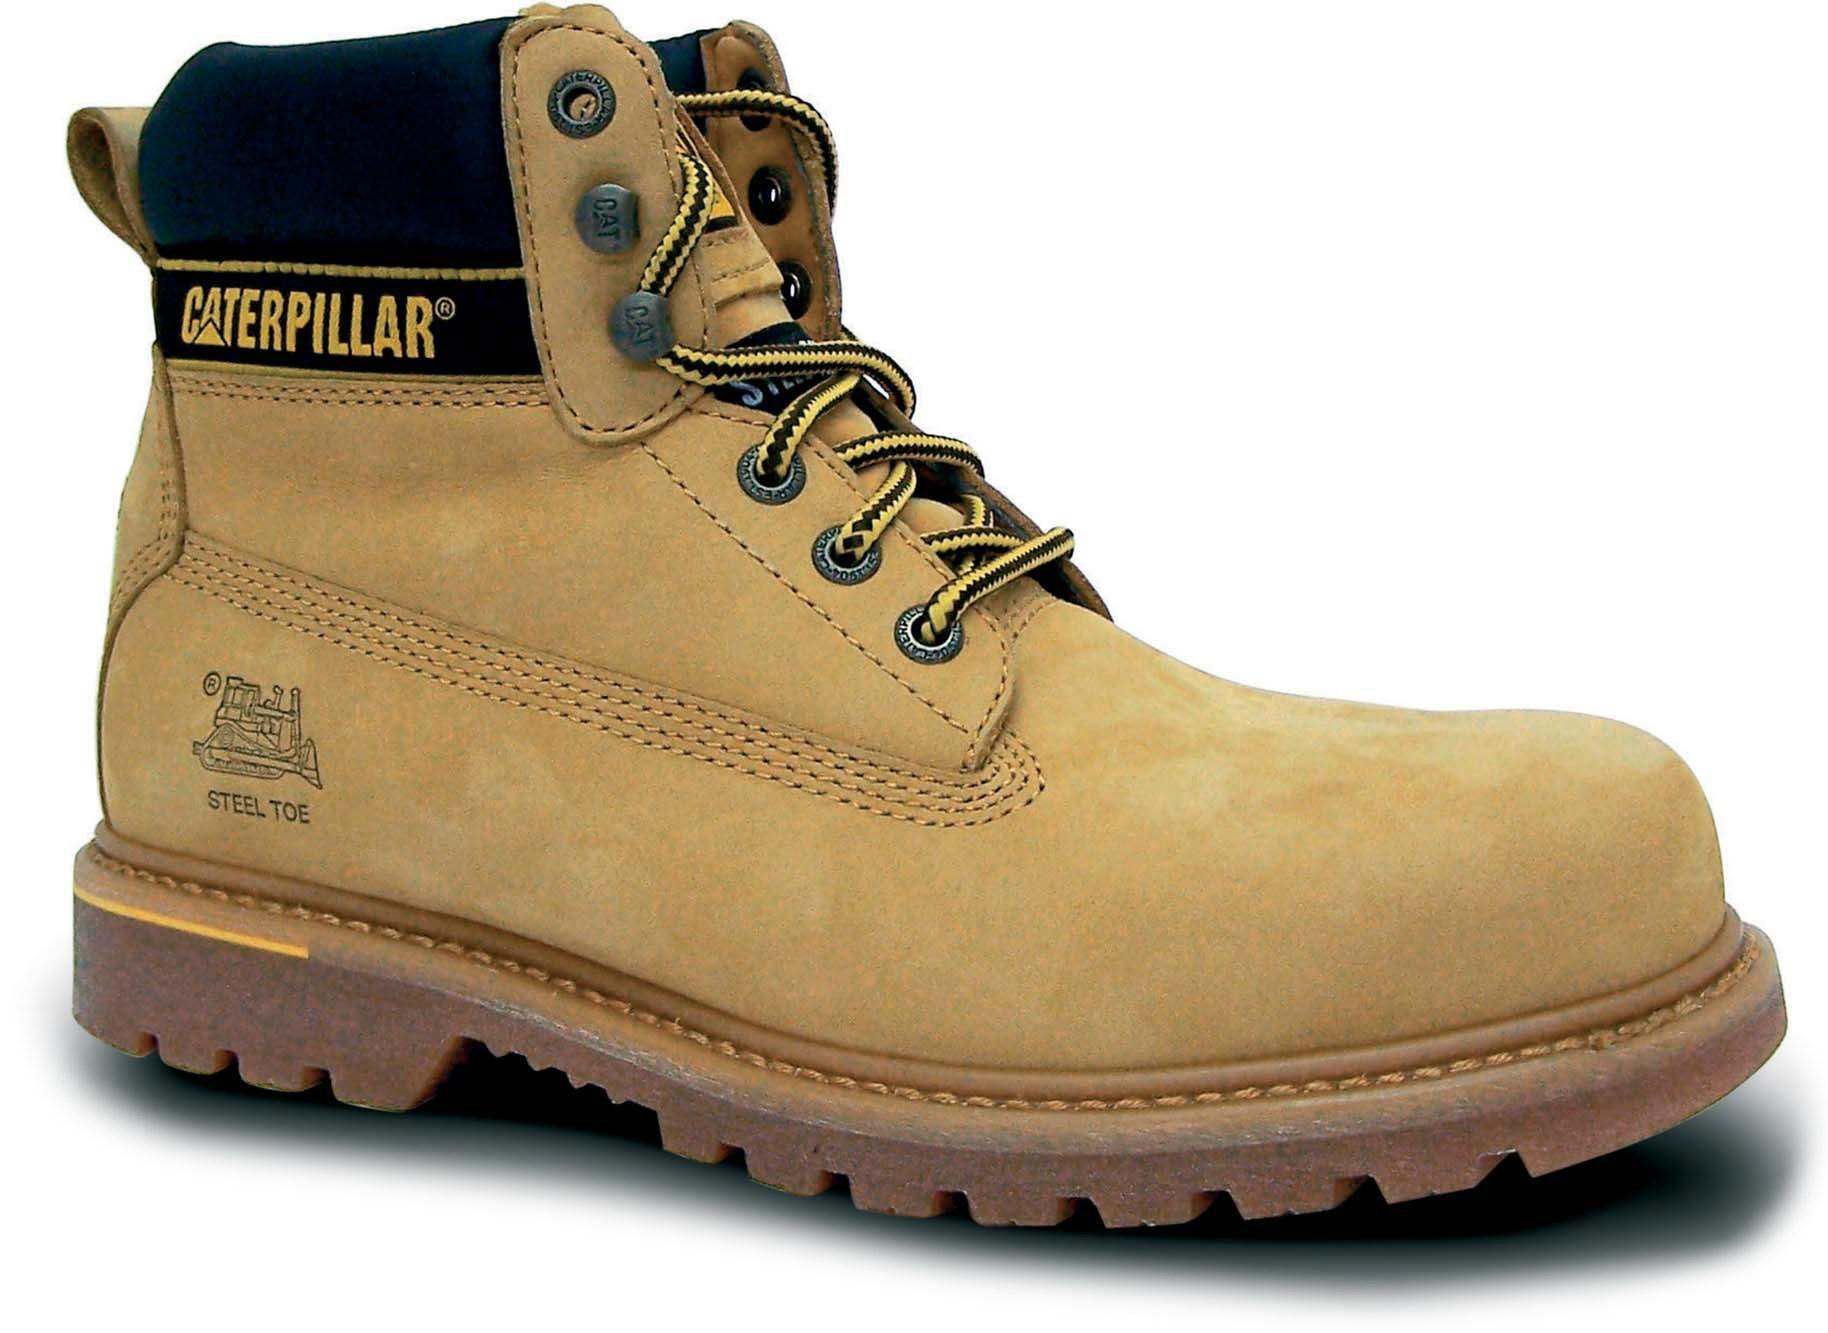 Caterpillar Werkschoenen S3.Holton Werkschoenen